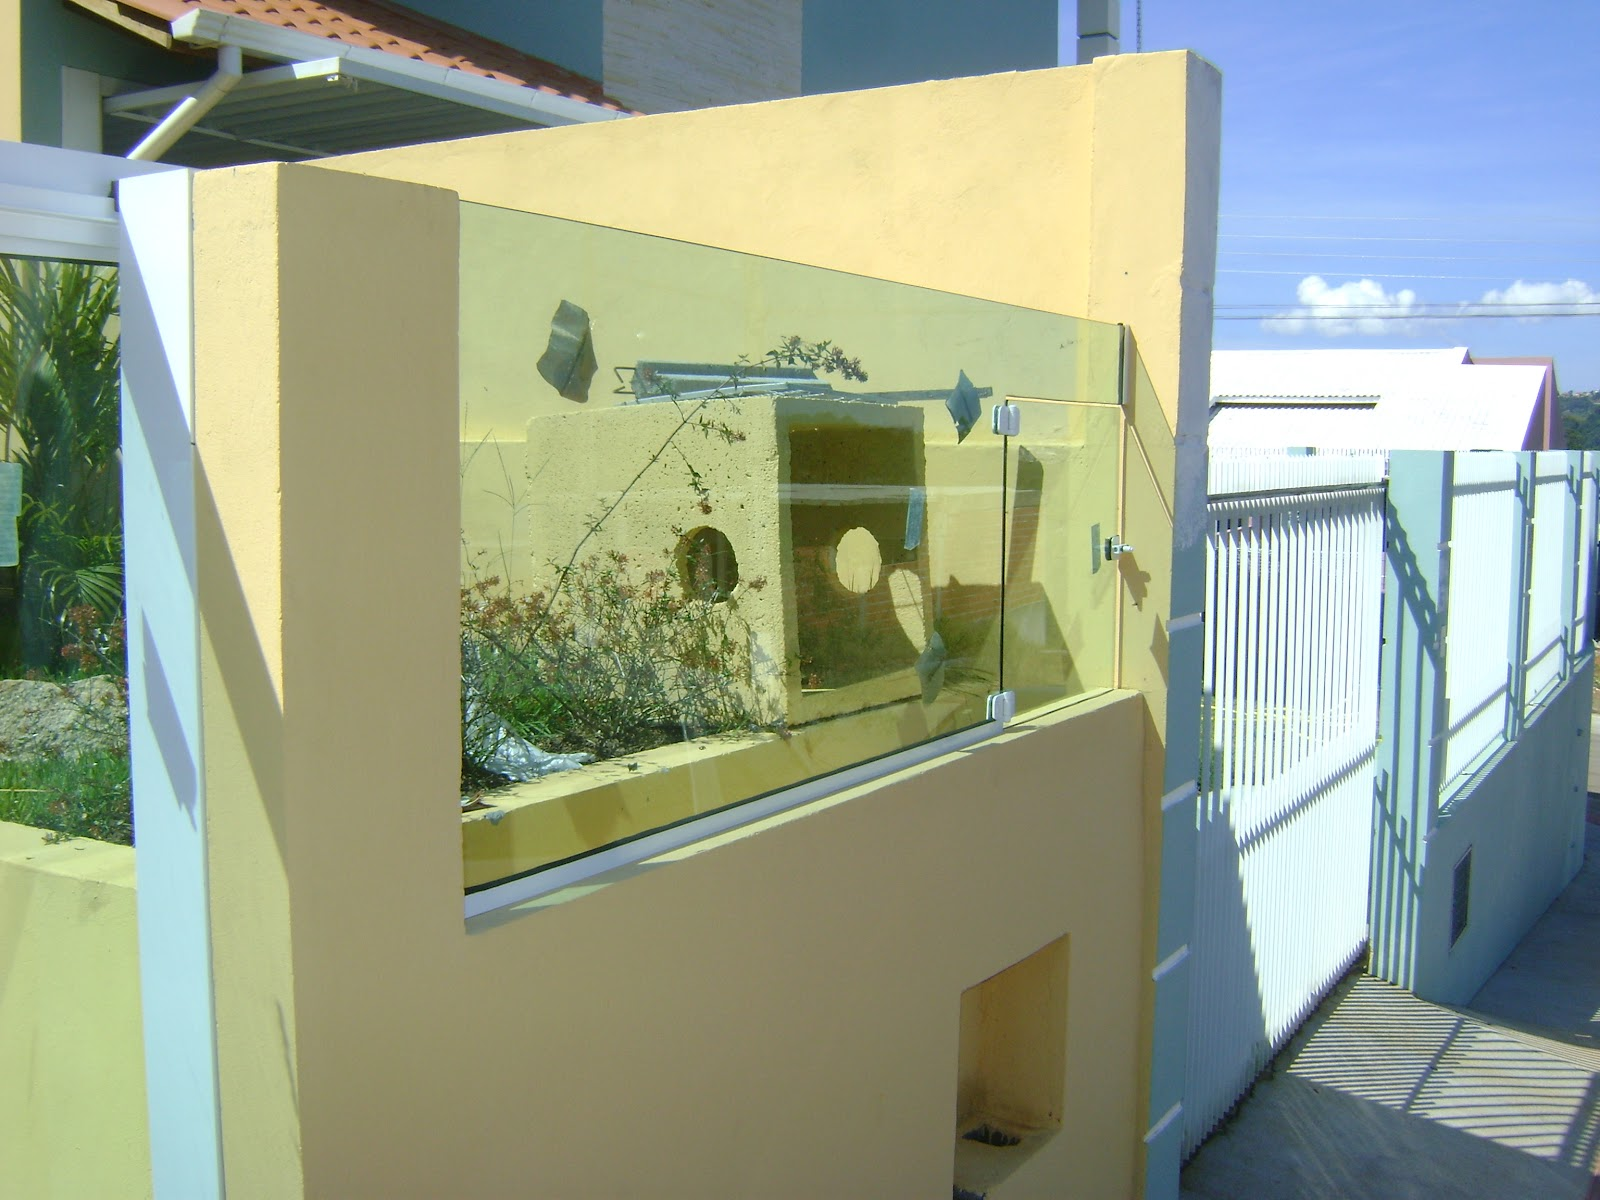 Imagens de #245AA7 Vidraçaria VidroMax: MURO EM VIDRO TEMPERADO VERDE 1600x1200 px 2108 Box De Vidro Para Banheiro Sao Jose Dos Campos